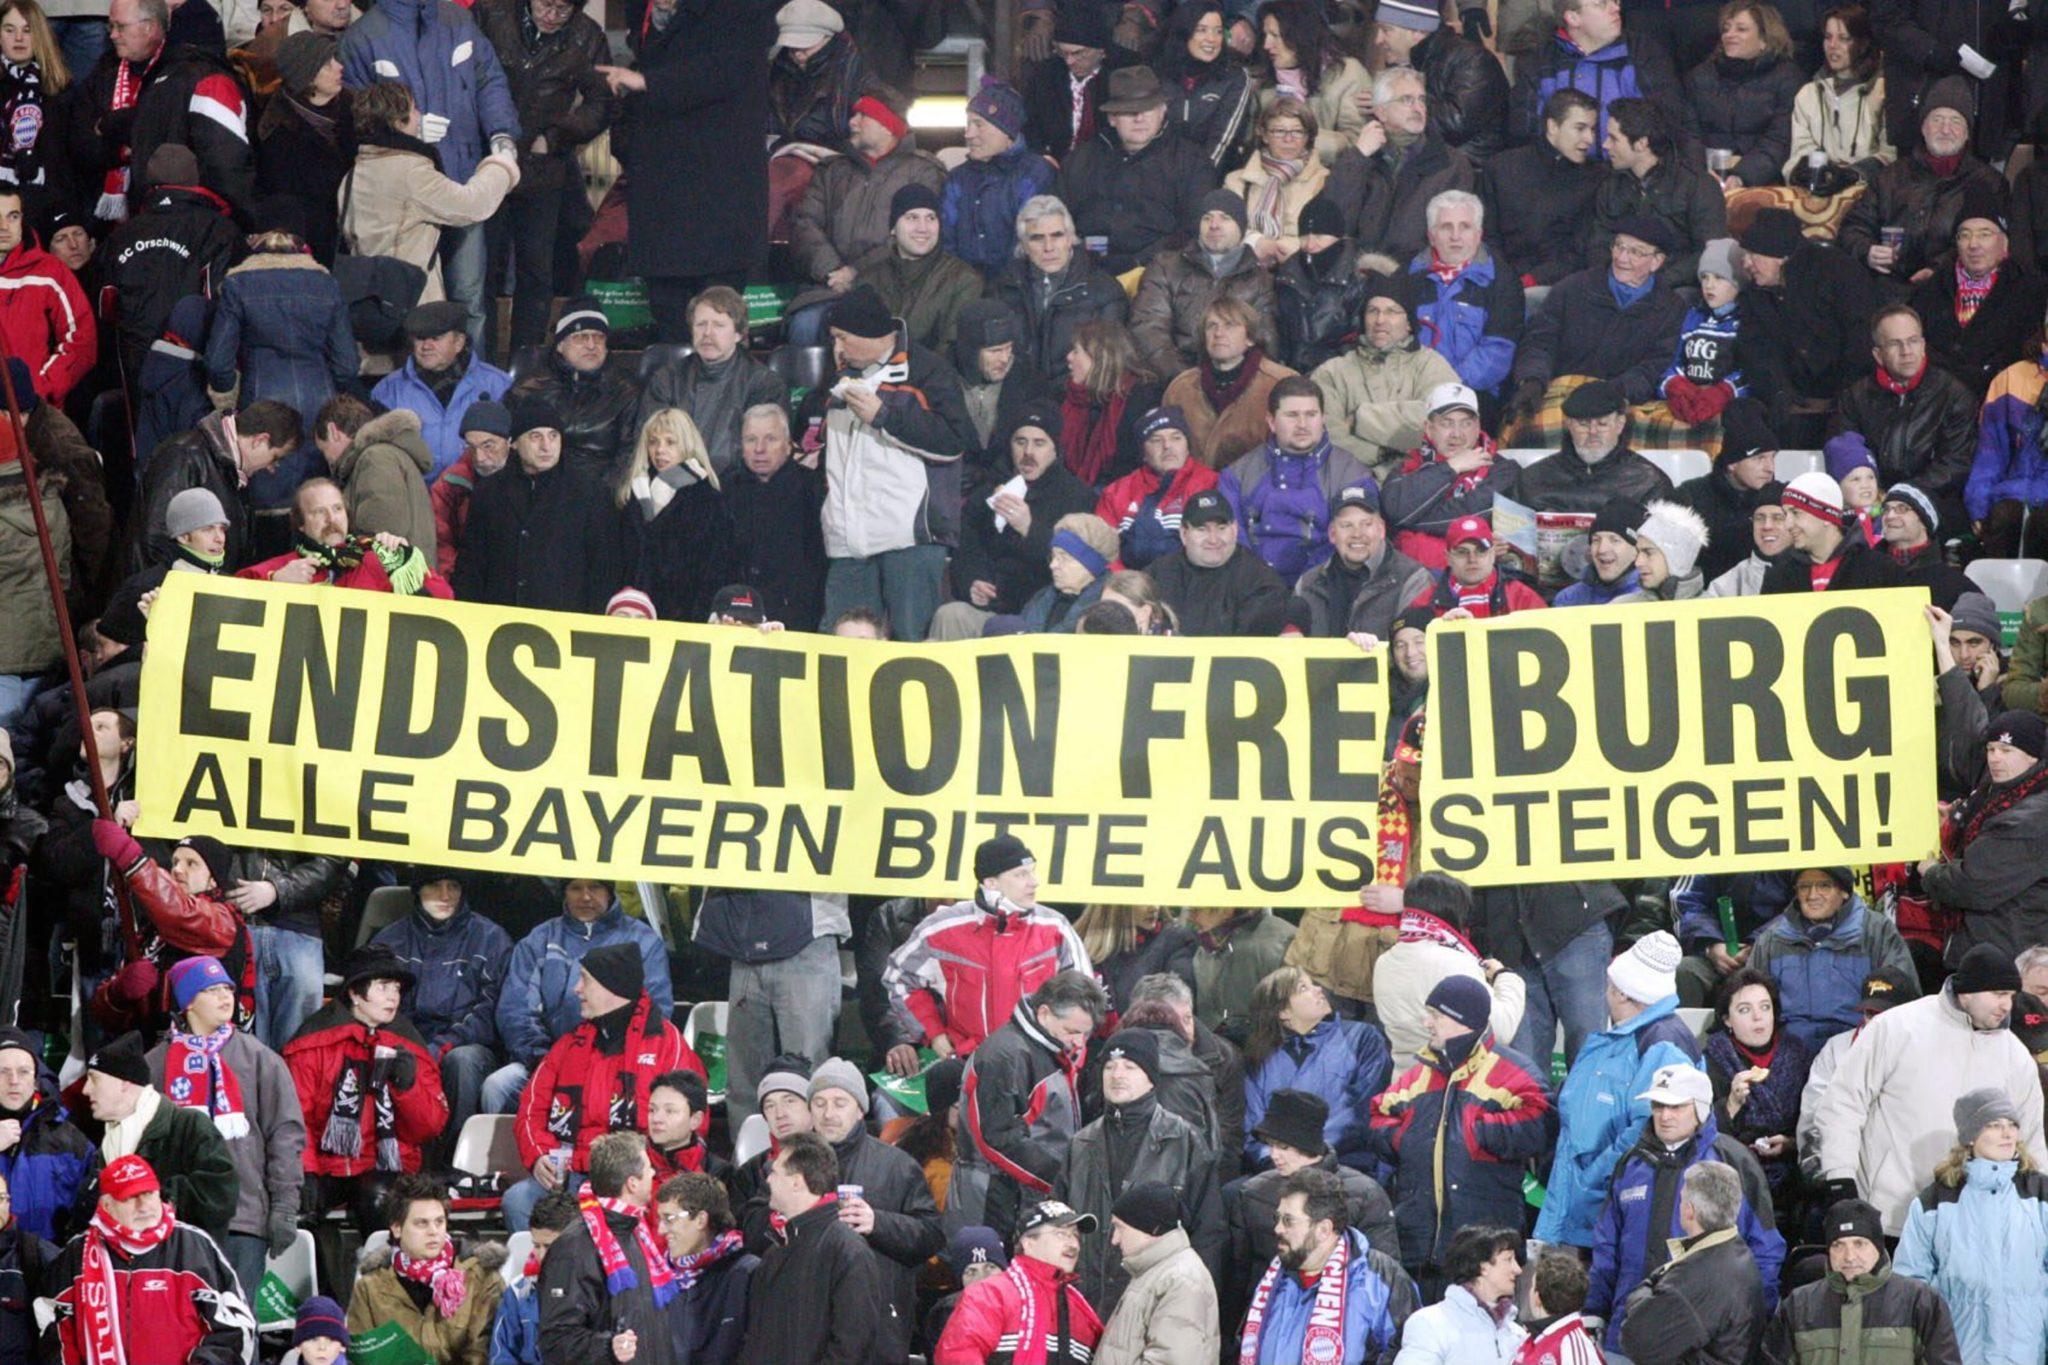 Endstation Freiburg